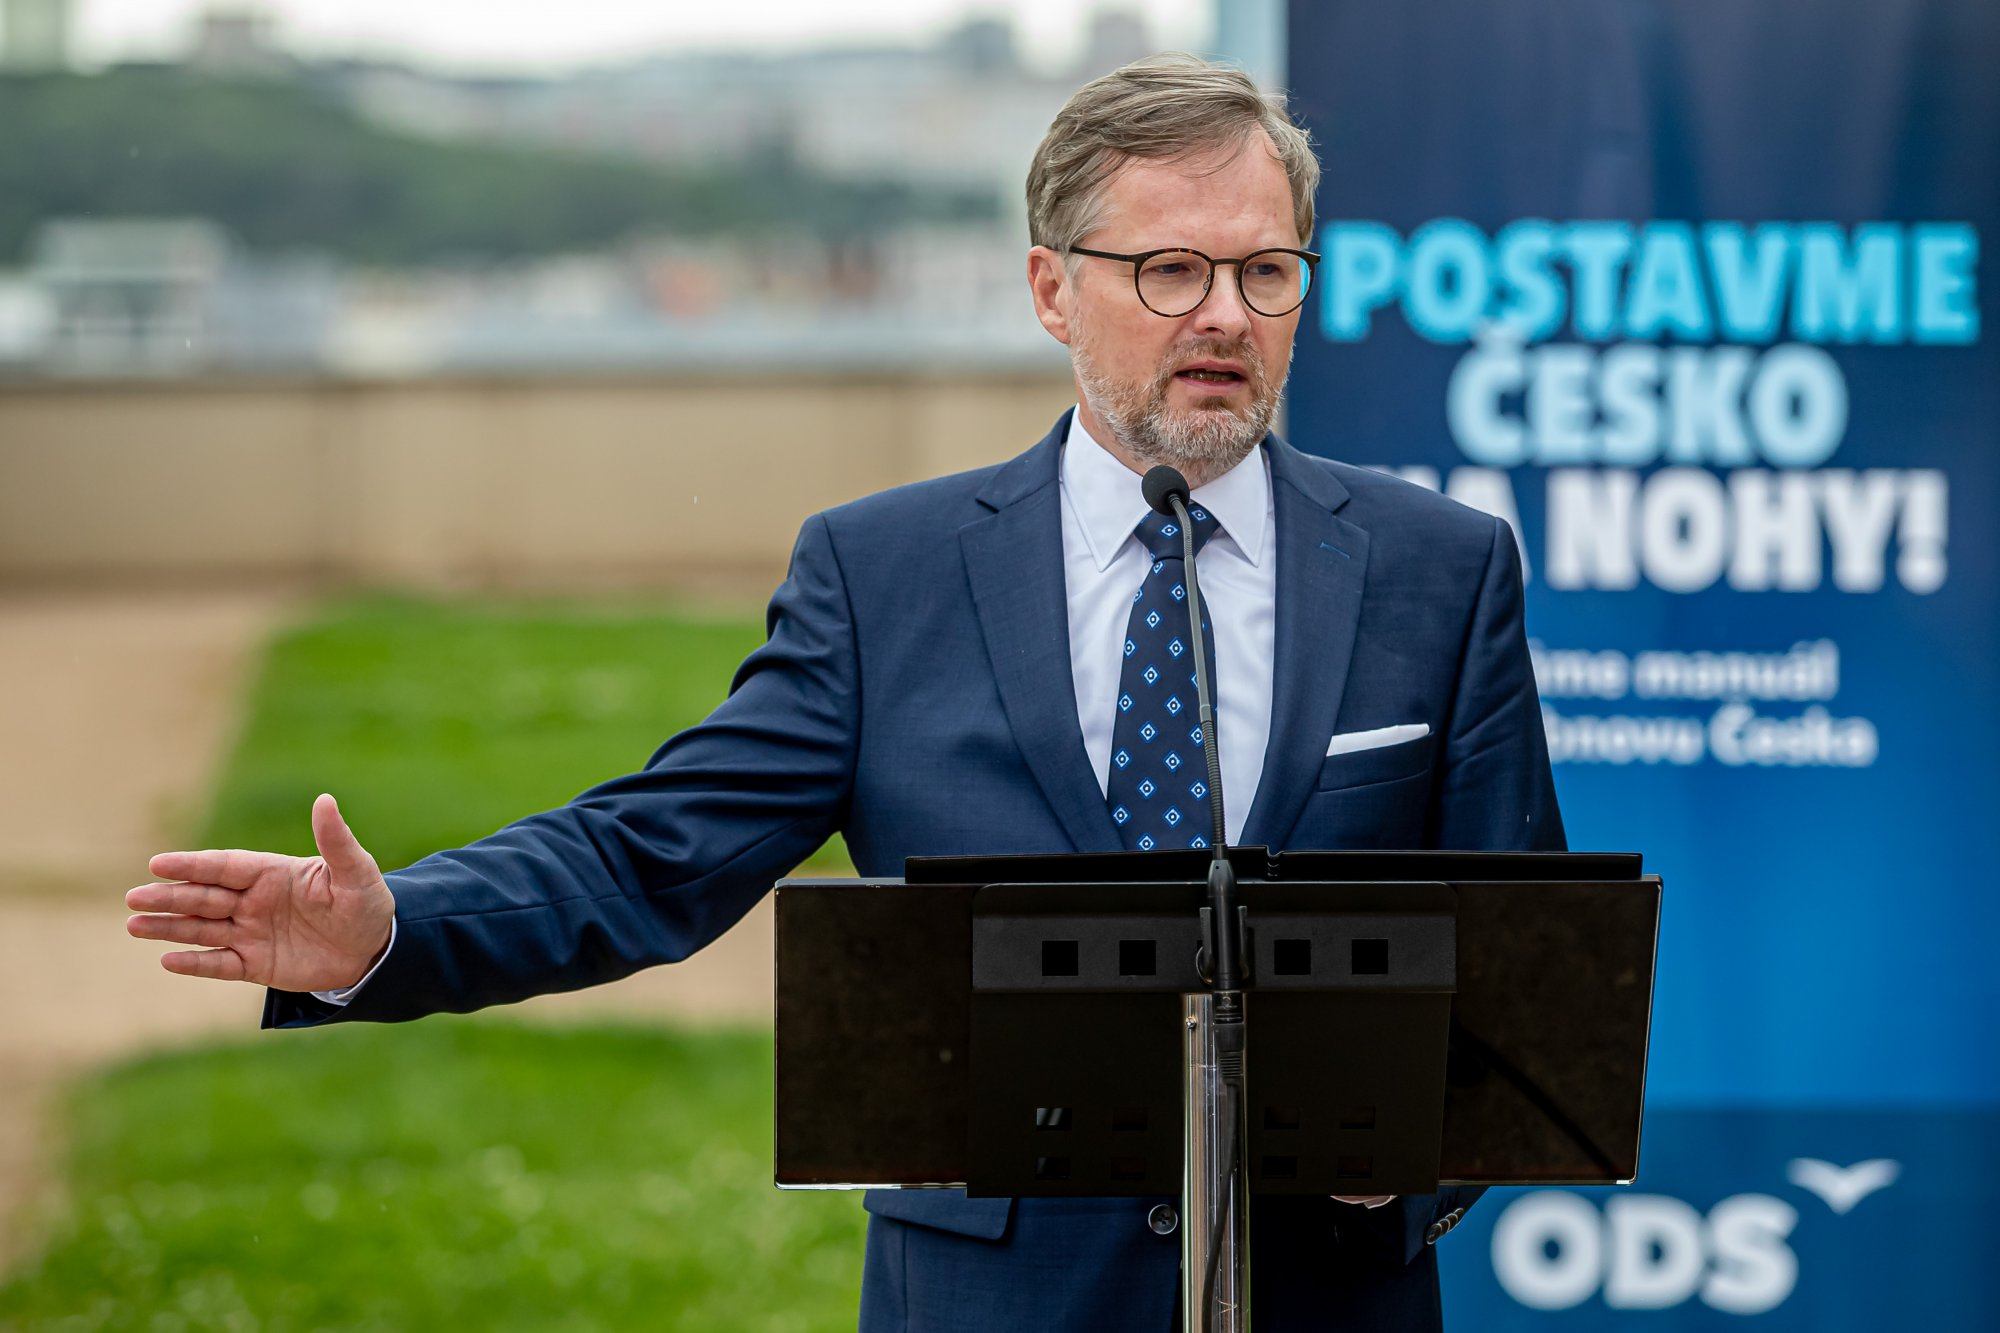 Petr Fiala: Pád Babiše, úřednická vláda a na jaře předčasné volby